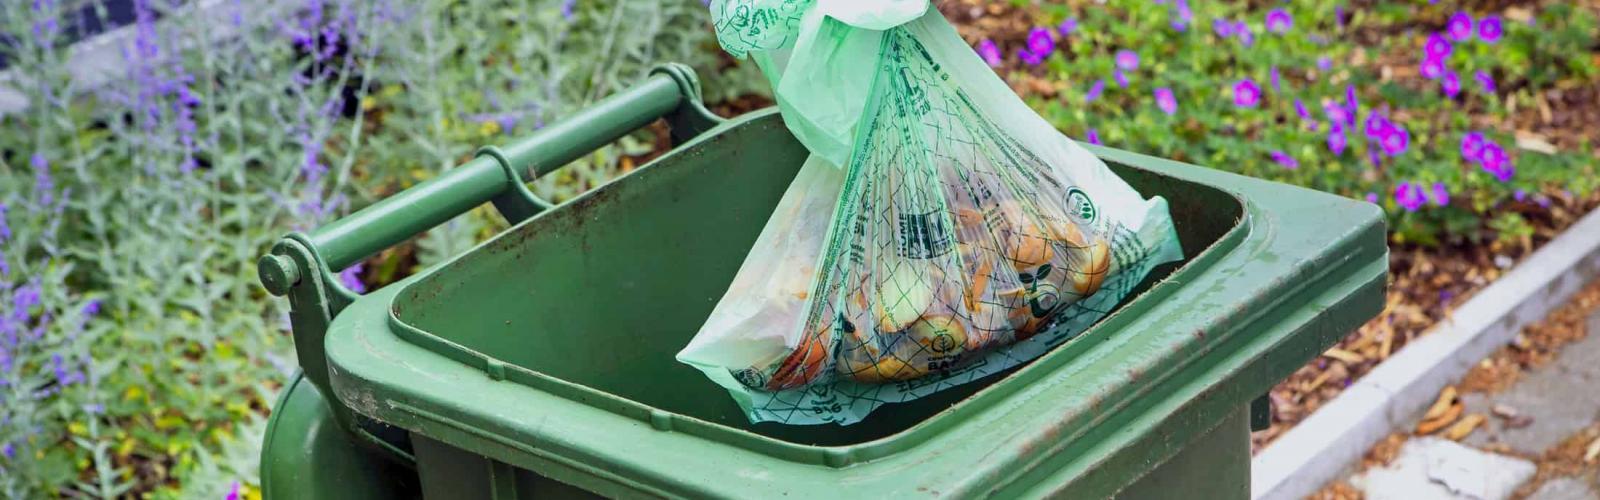 composteerbare afvalzak